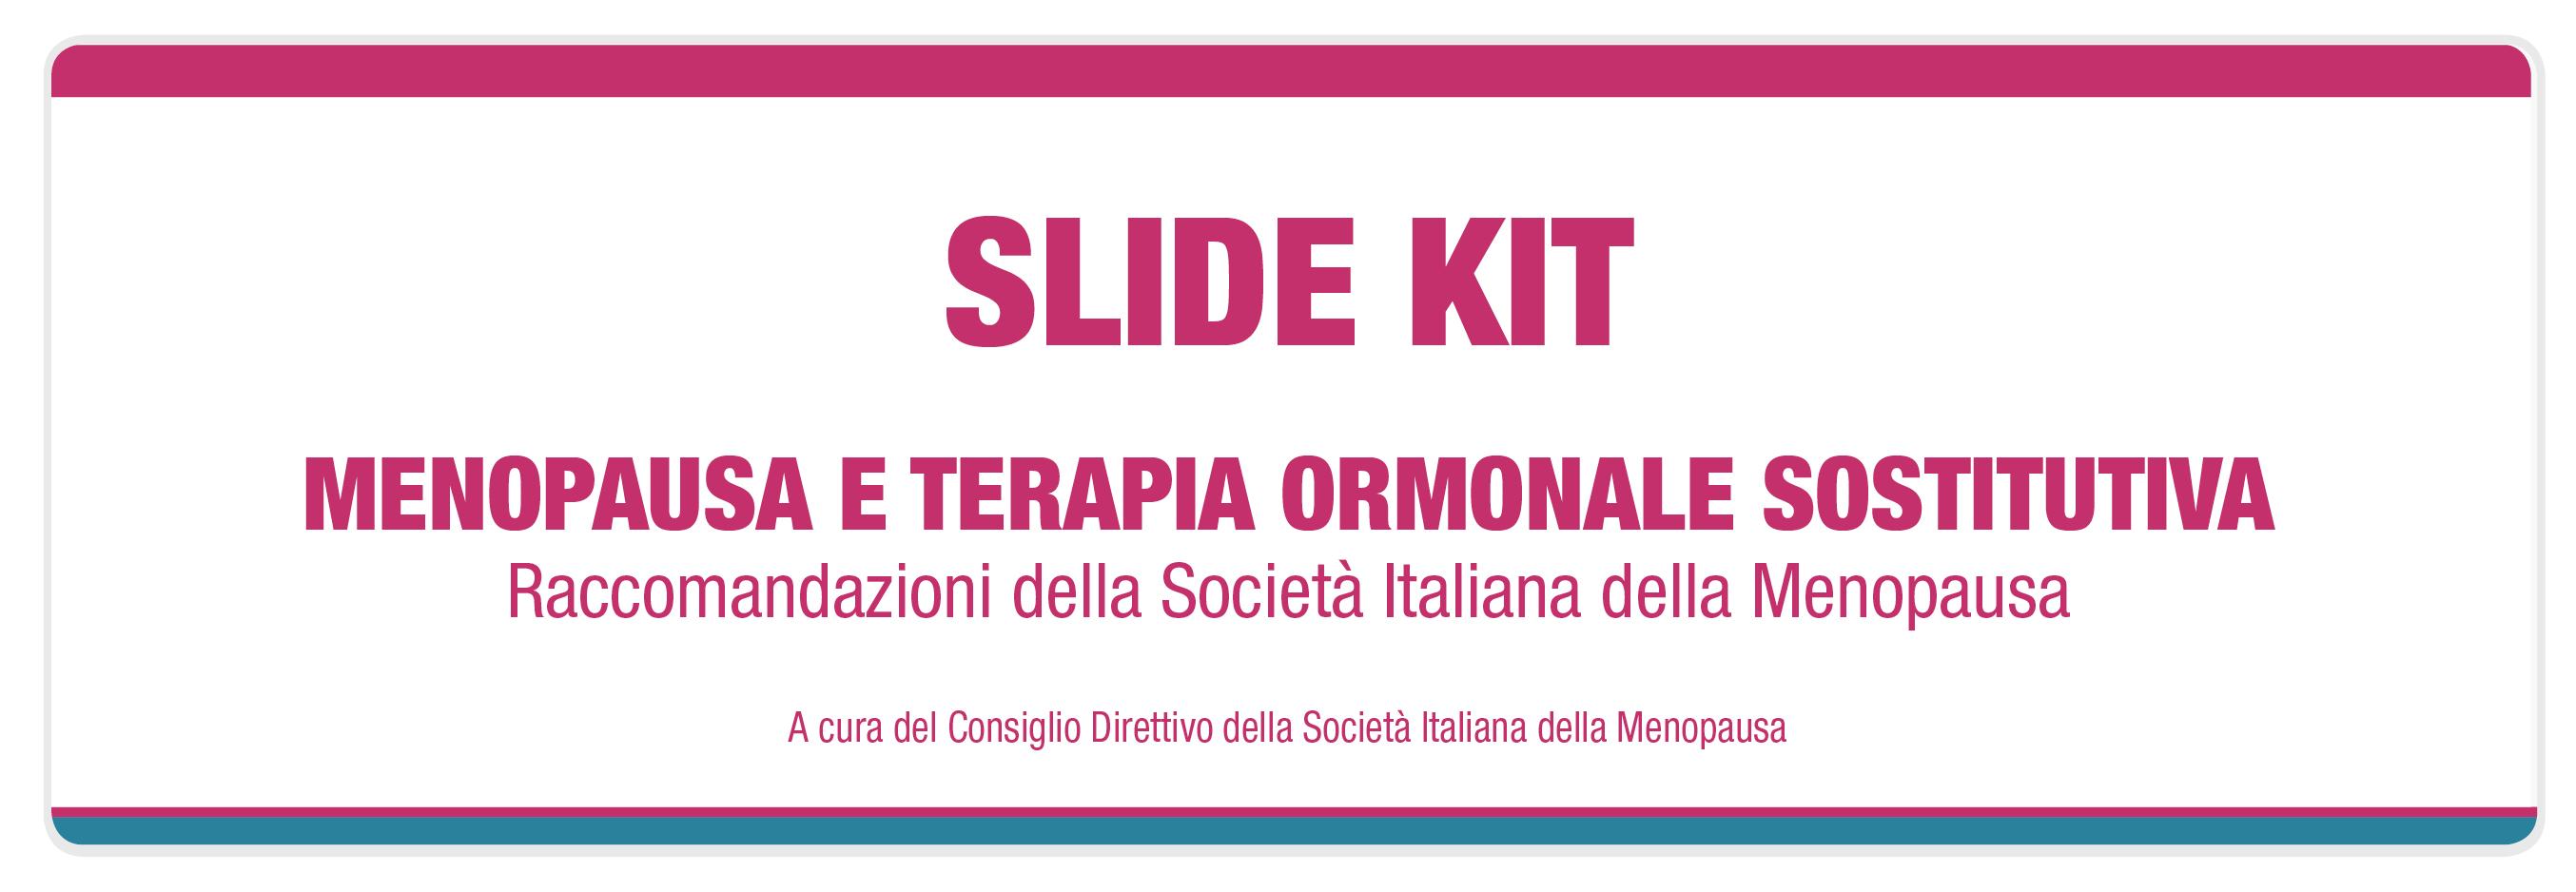 Slide-SIM-Slide-KIt